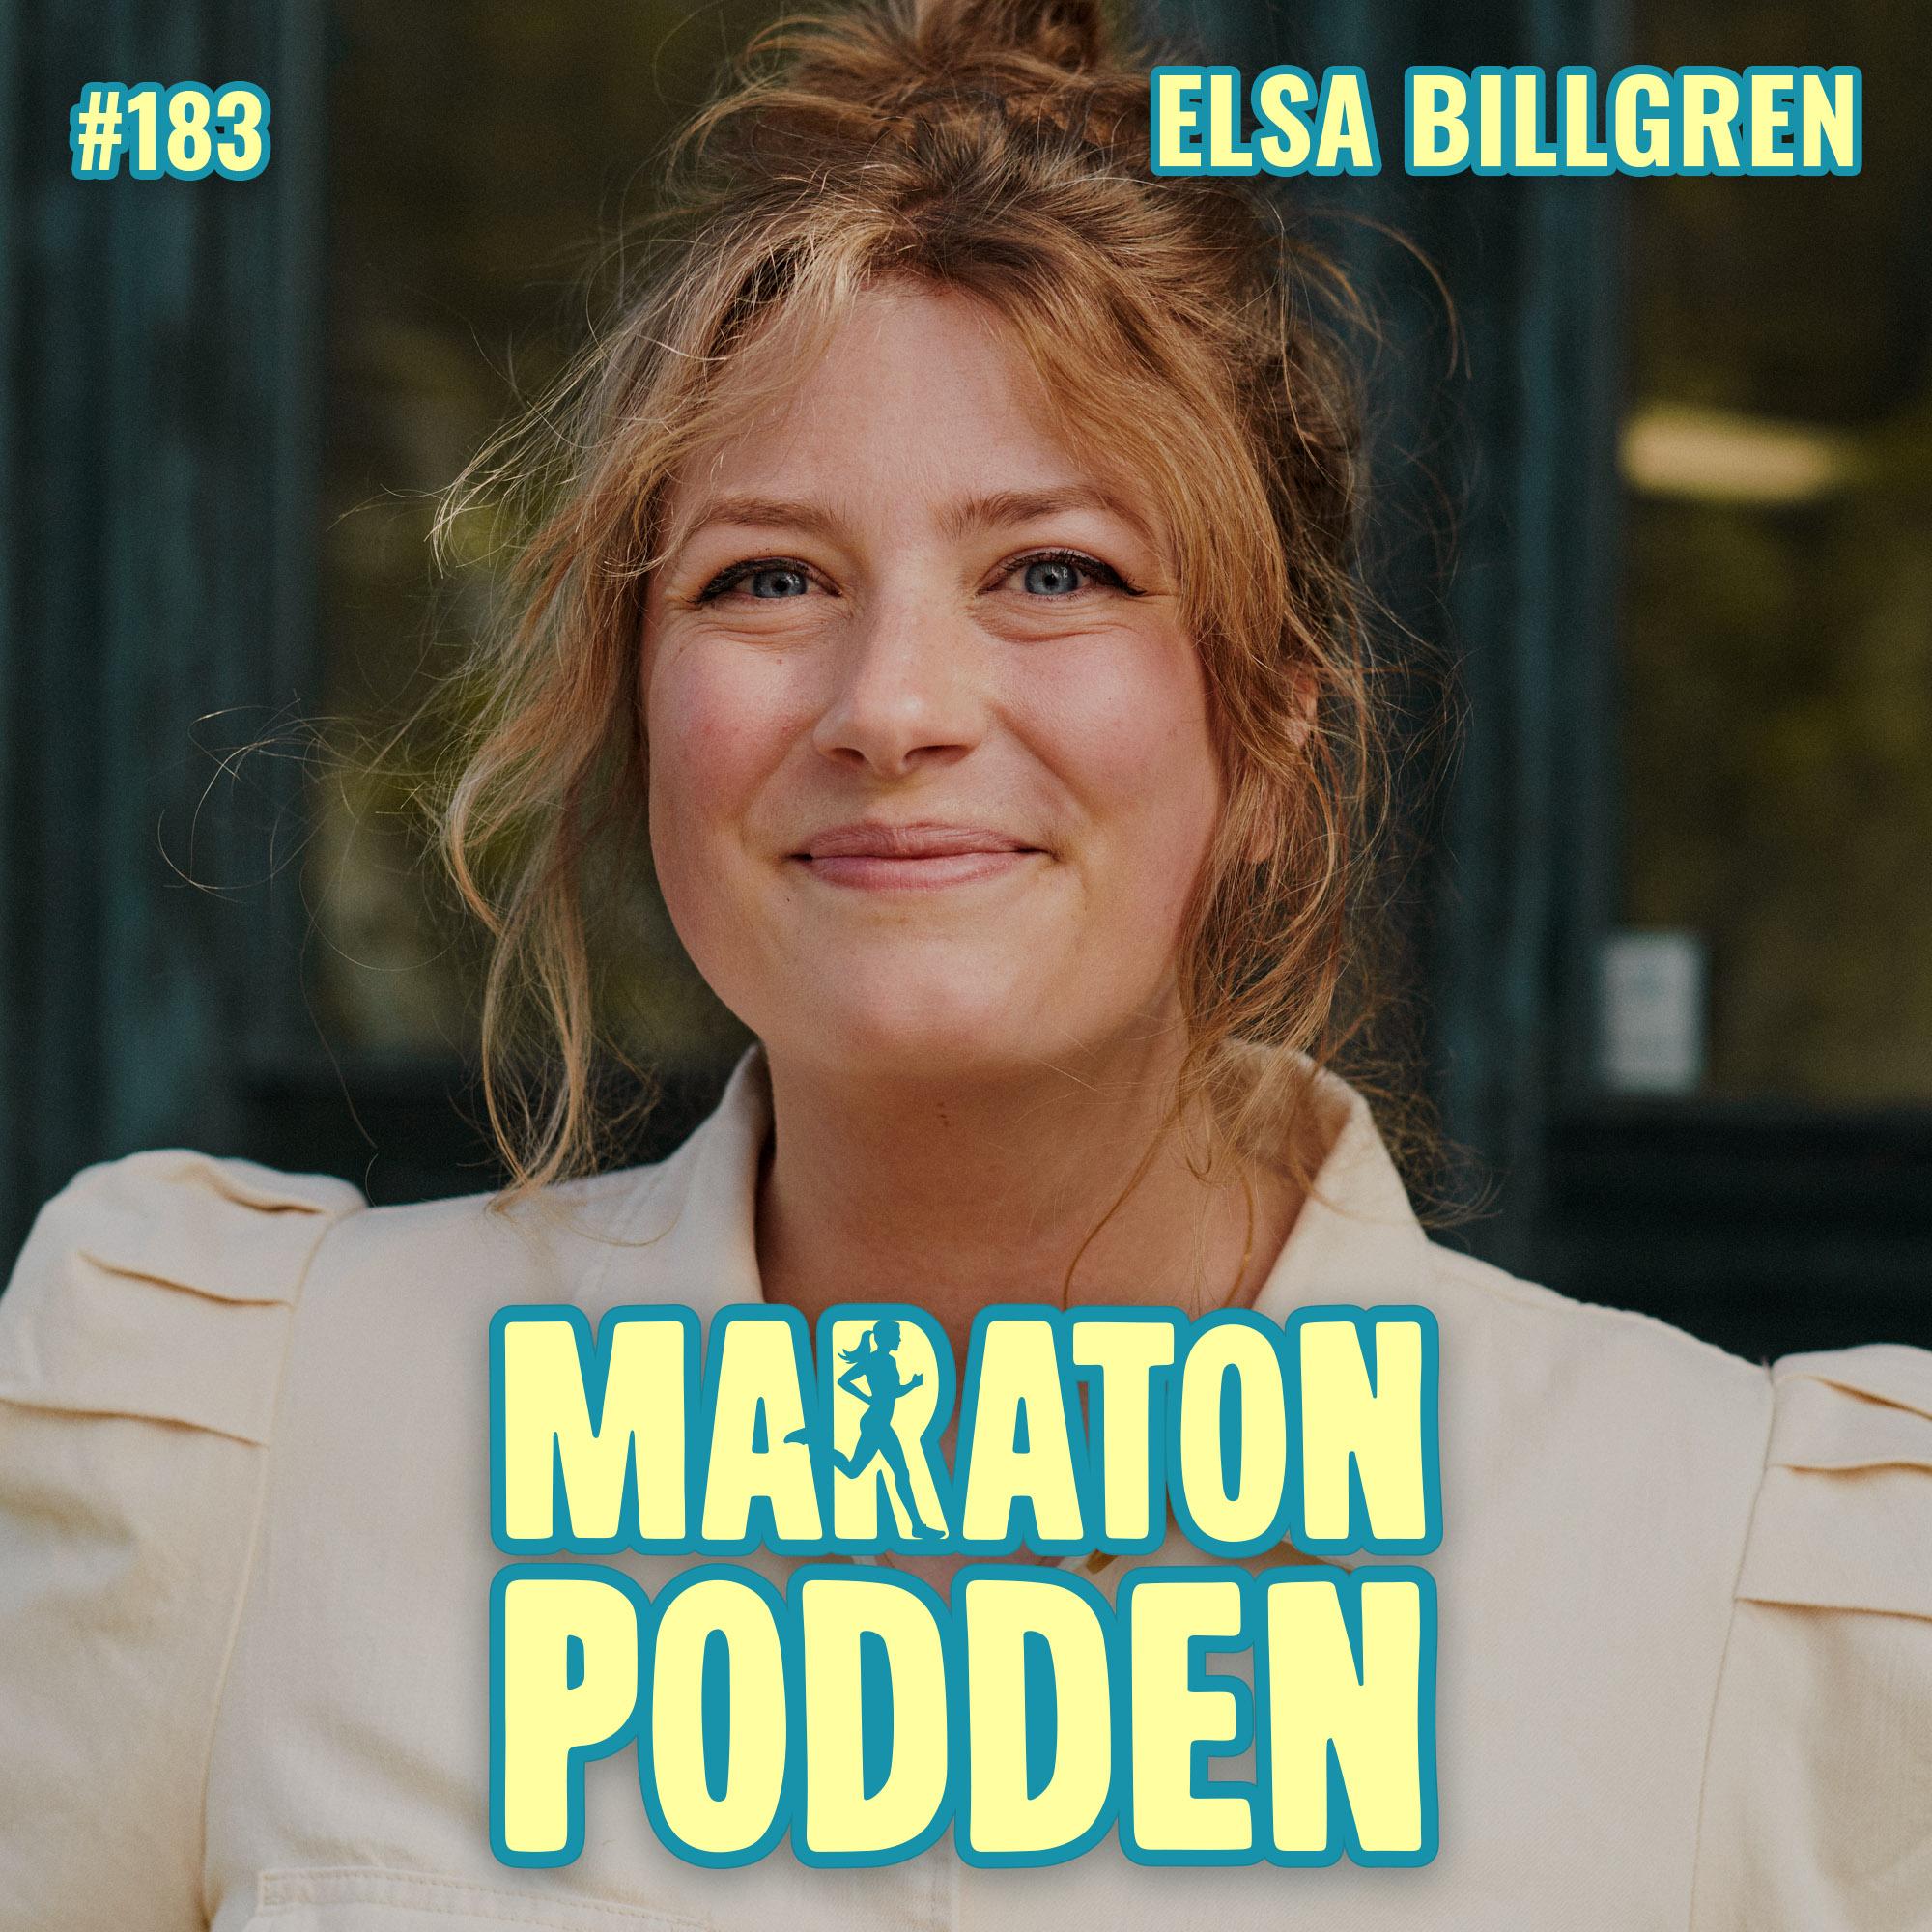 #183: Elsa Billgren, hångelvänliga löprundor och knäppa gympalärare